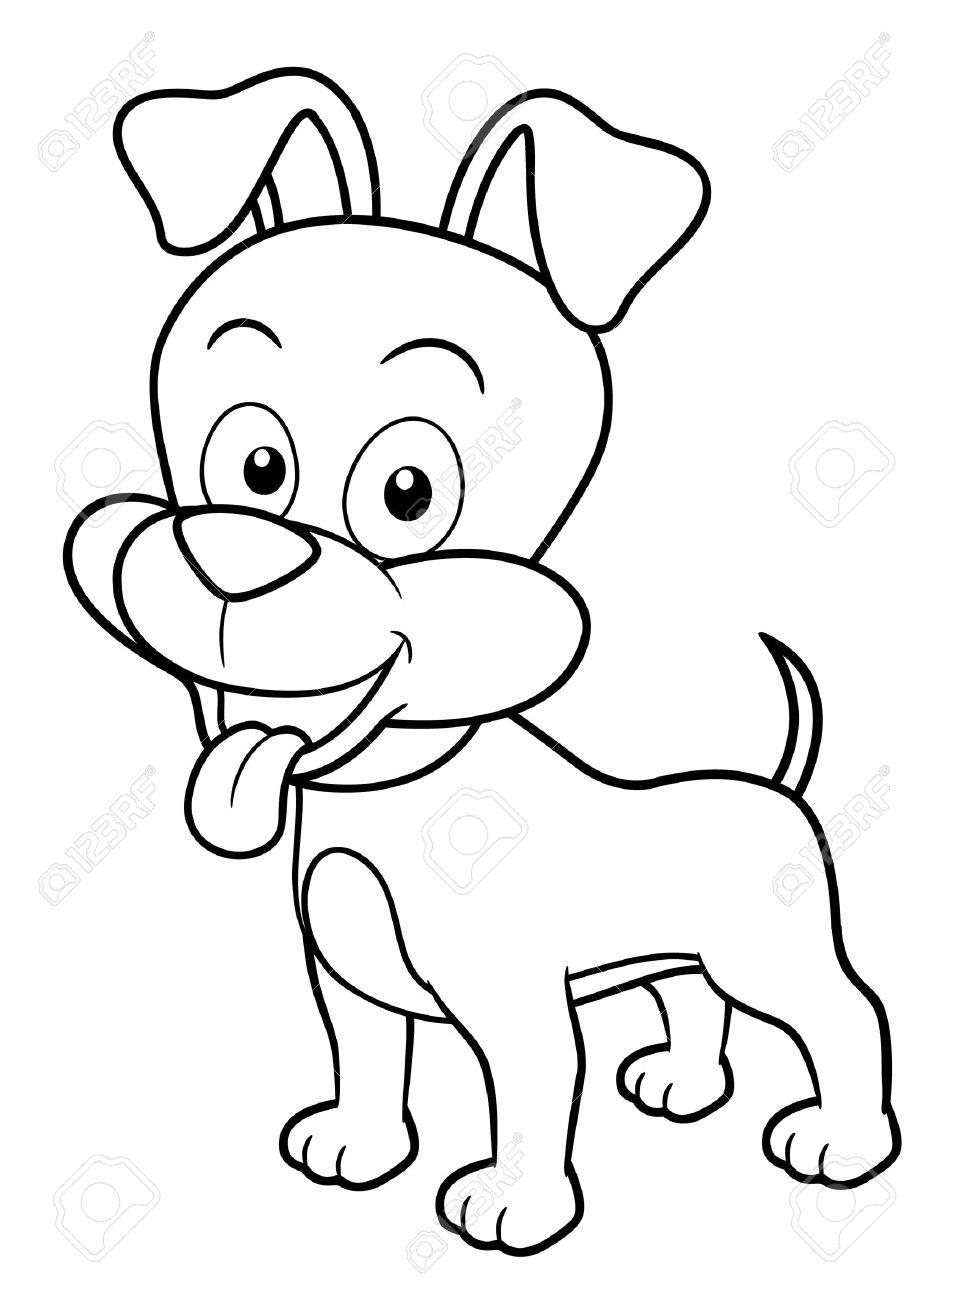 漫画犬の塗り絵のイラストのイラスト素材ベクタ Image 17546272